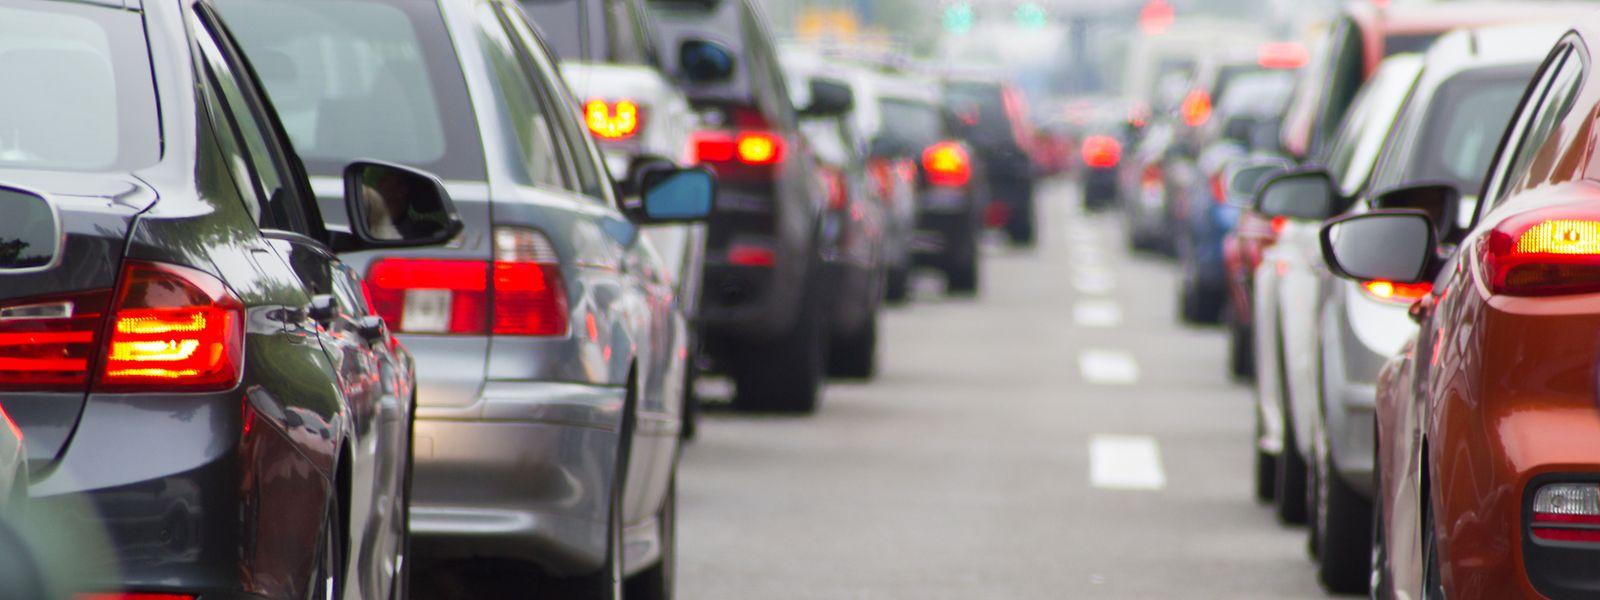 Pour les élus locaux, il serait dommage de limiter les actions aux seules nuisances sonores liées au trafic routier ou au passage des trains.